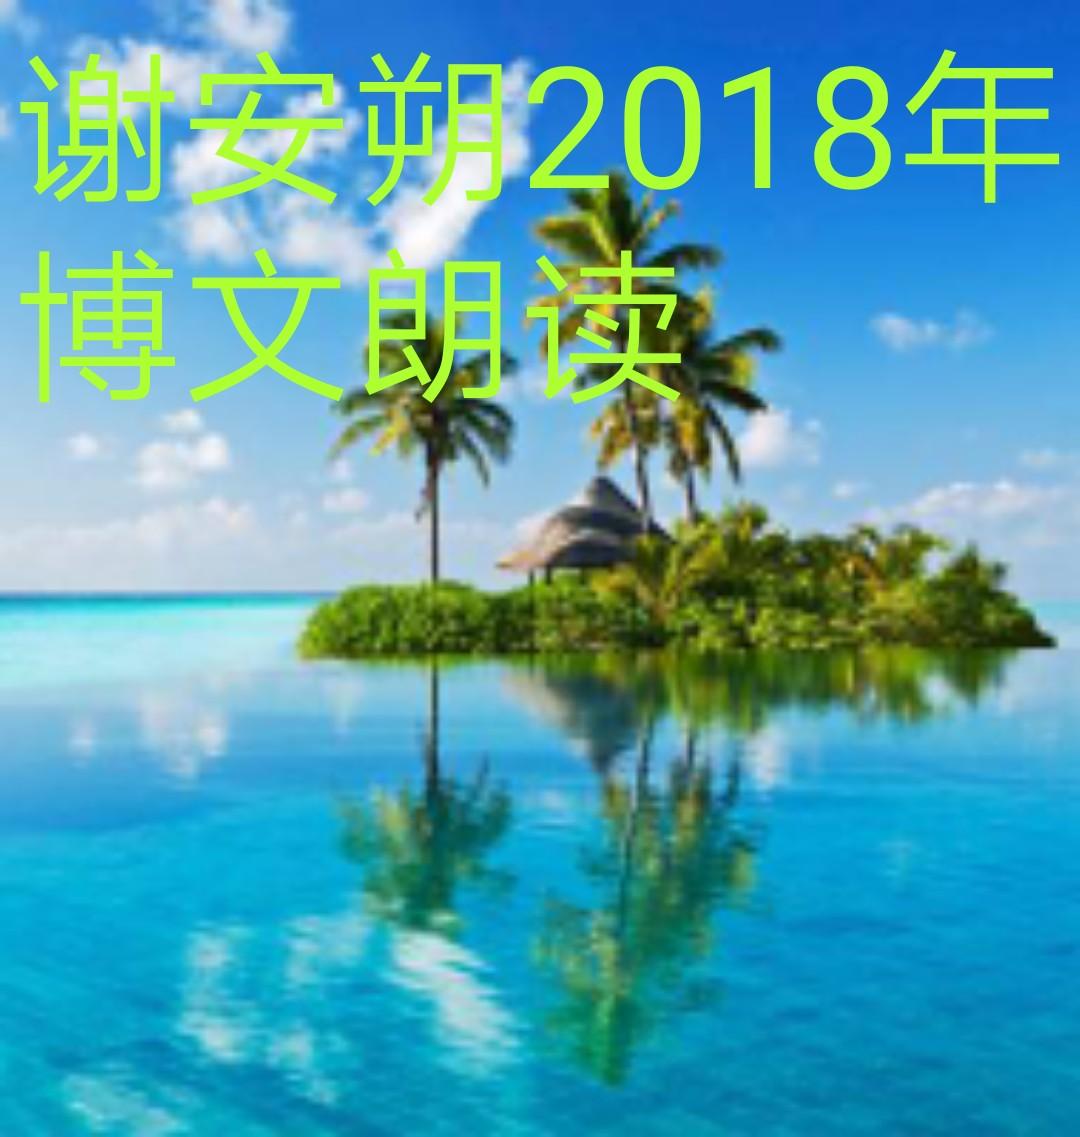 谢安朔 2018年博文朗读